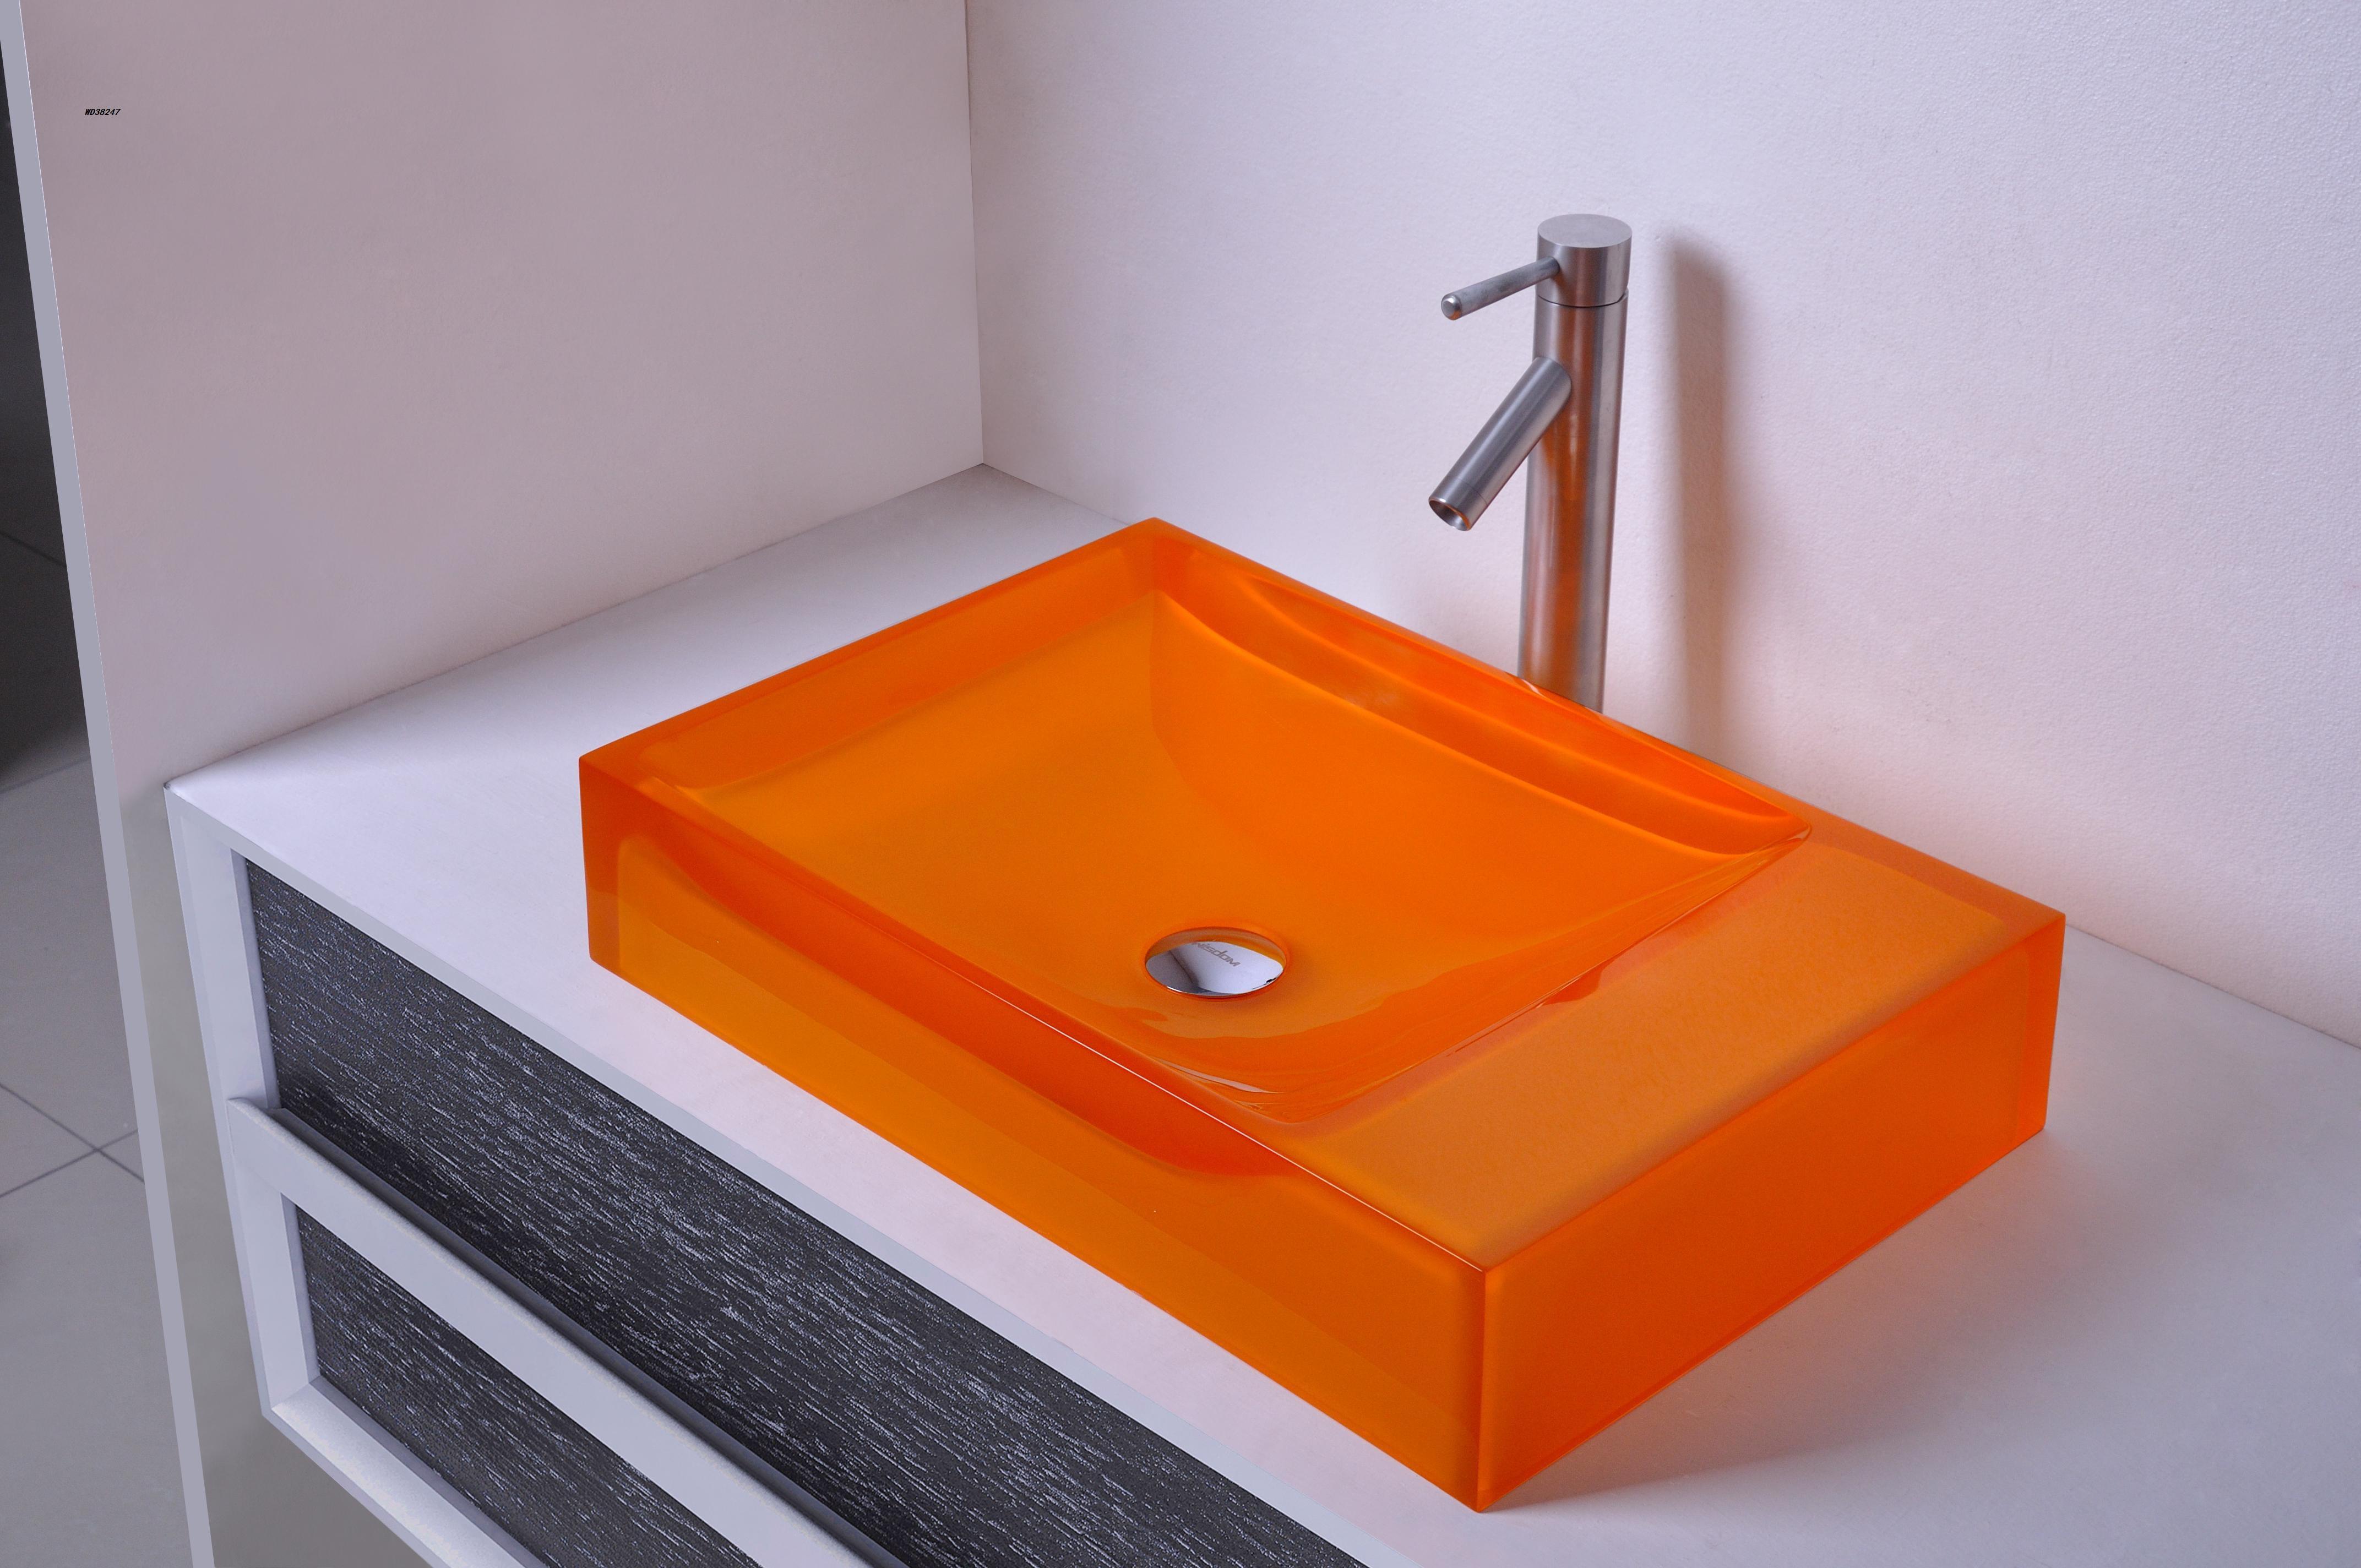 Lavello Bagno Da Appoggio acquista 600mm certificato cupc bagno resina lavabo da appoggio  rettangolare lavabo da appoggio colorato lavandini navi da bagno rs38247 a  320,79 €